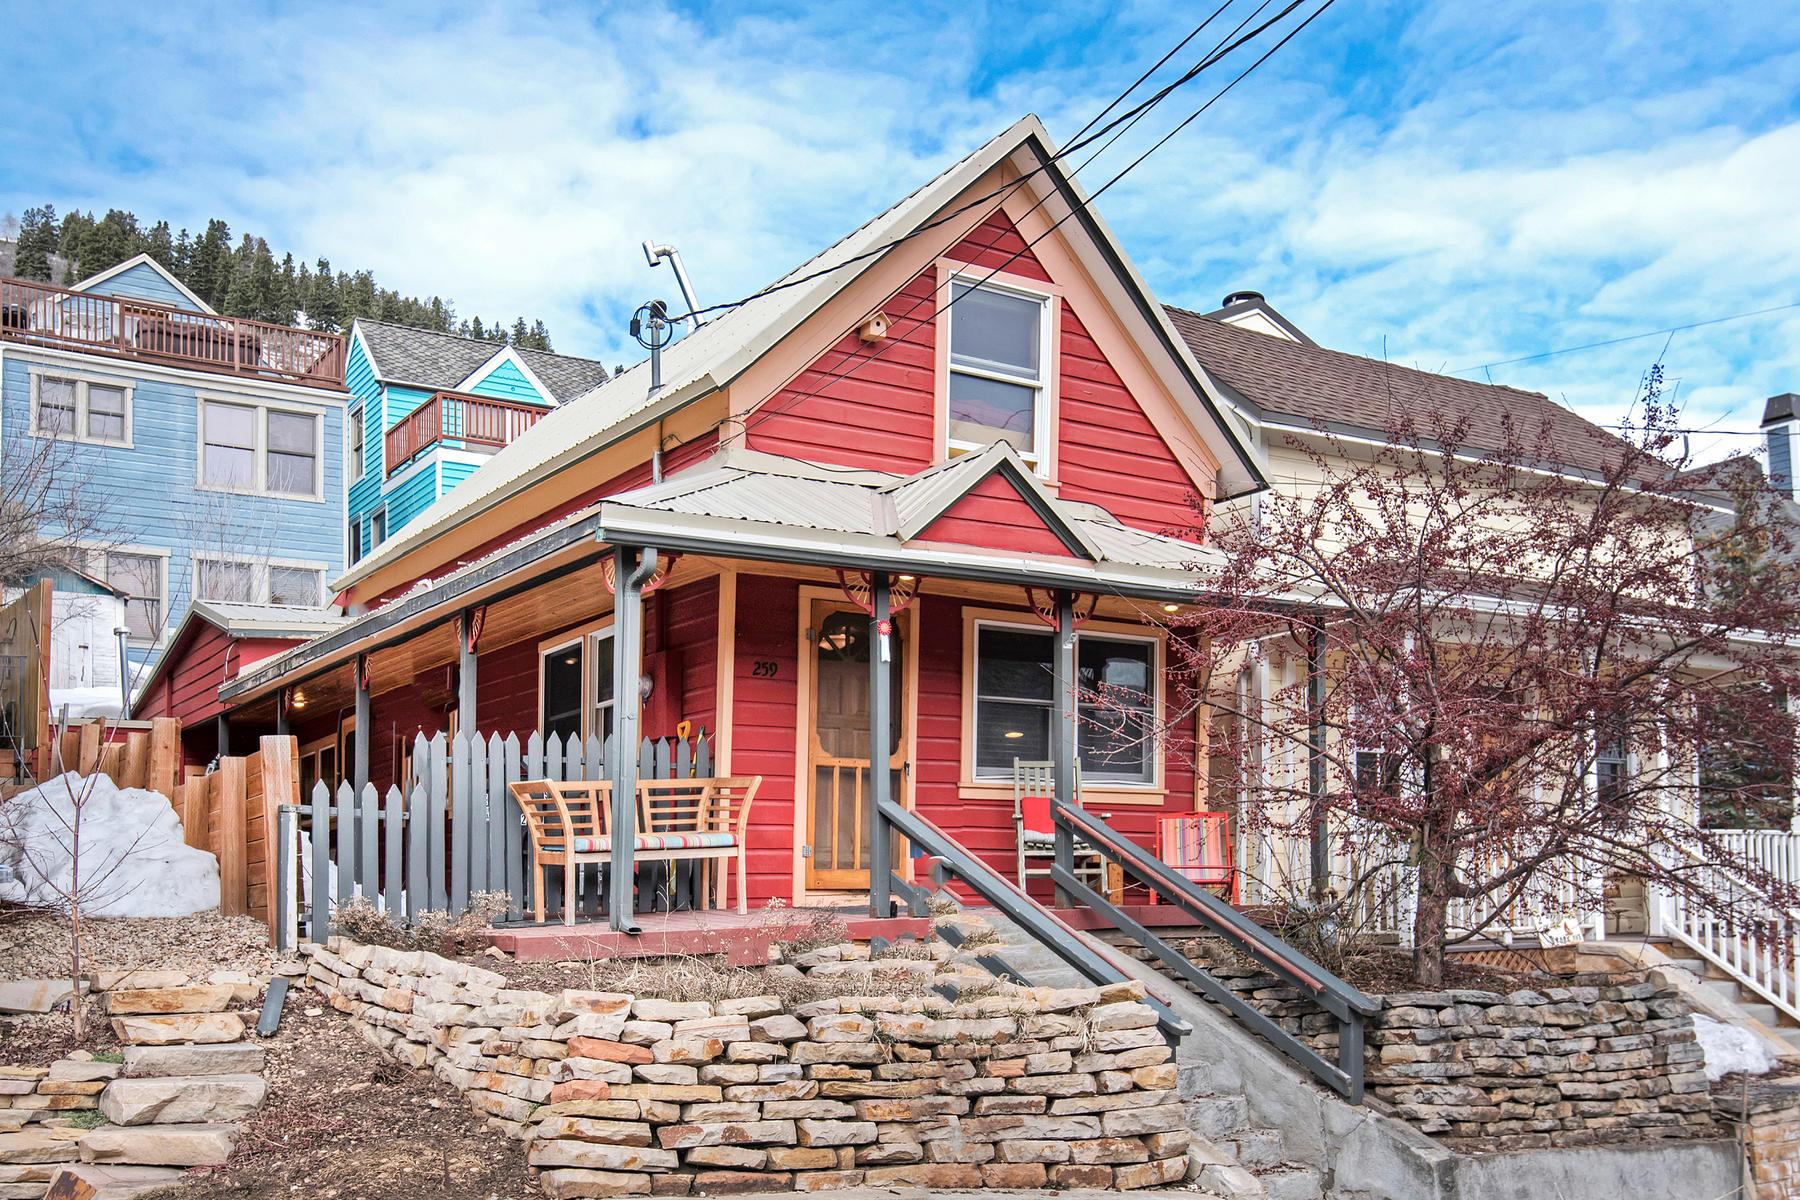 一戸建て のために 売買 アット Rebuilt Historic Home Steps to Main Street & Ski Slopes 259 Park Ave Park City, ユタ, 84060 アメリカ合衆国